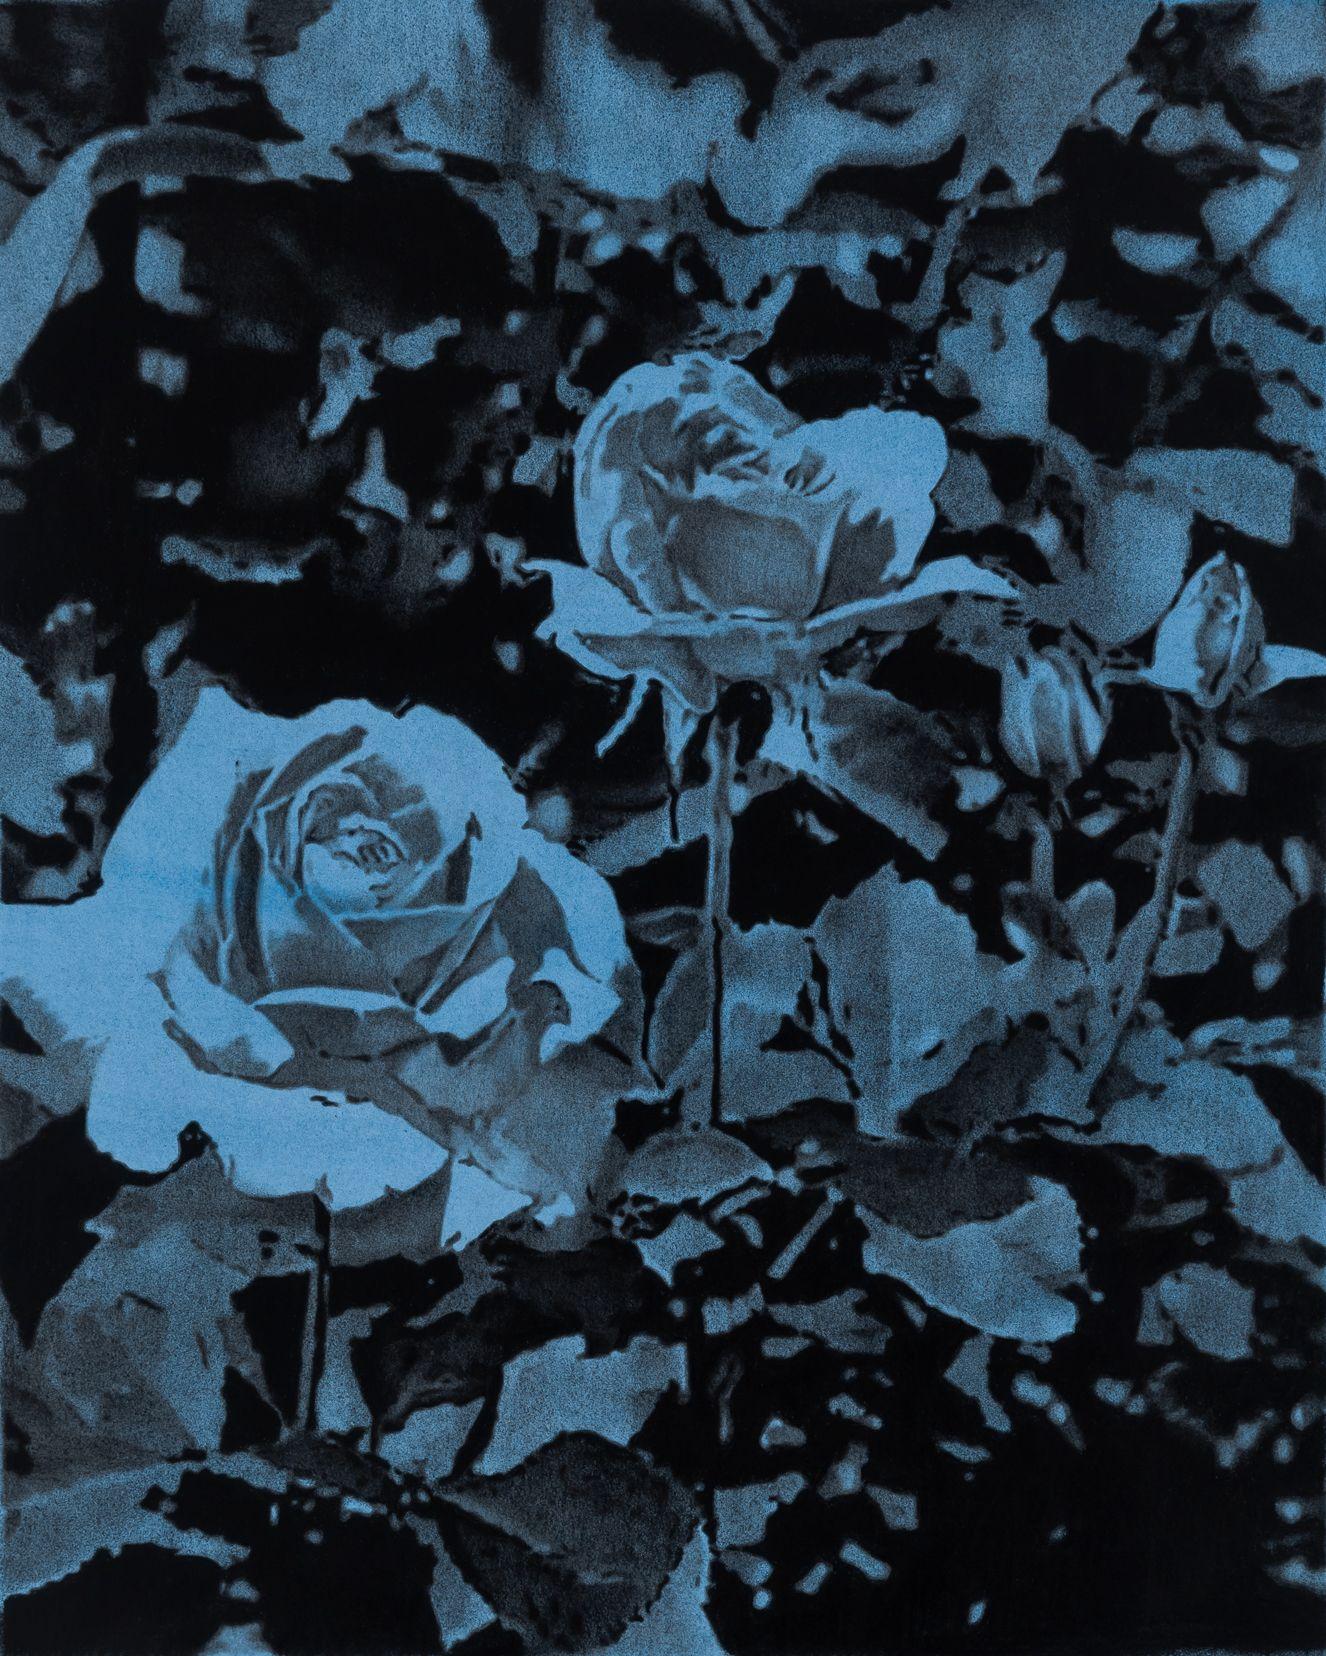 Rose Garden No. 2, 2017